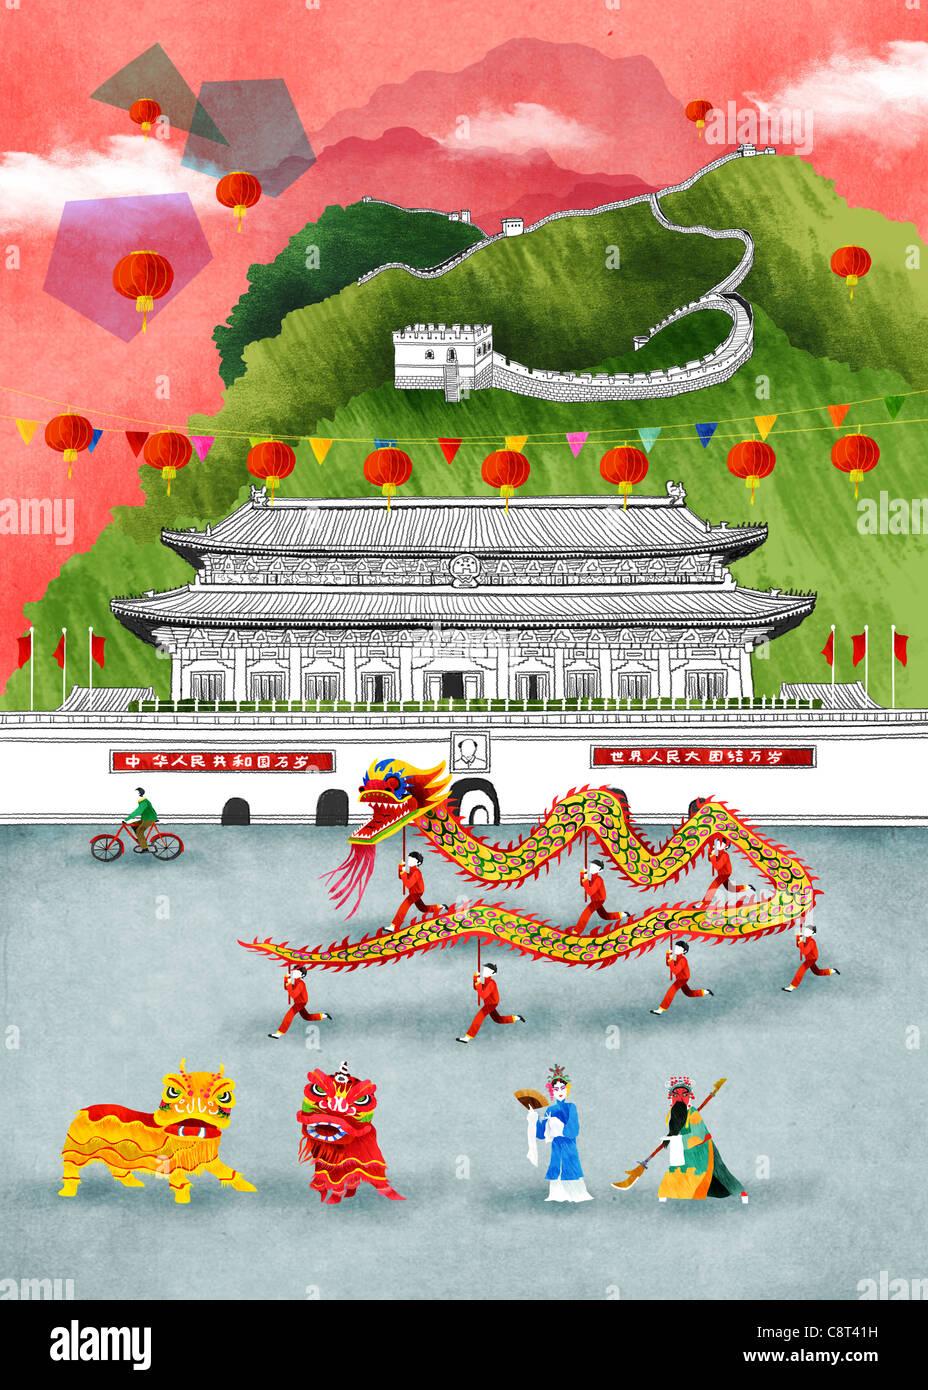 Chinese Dragons Celebration - Stock Image